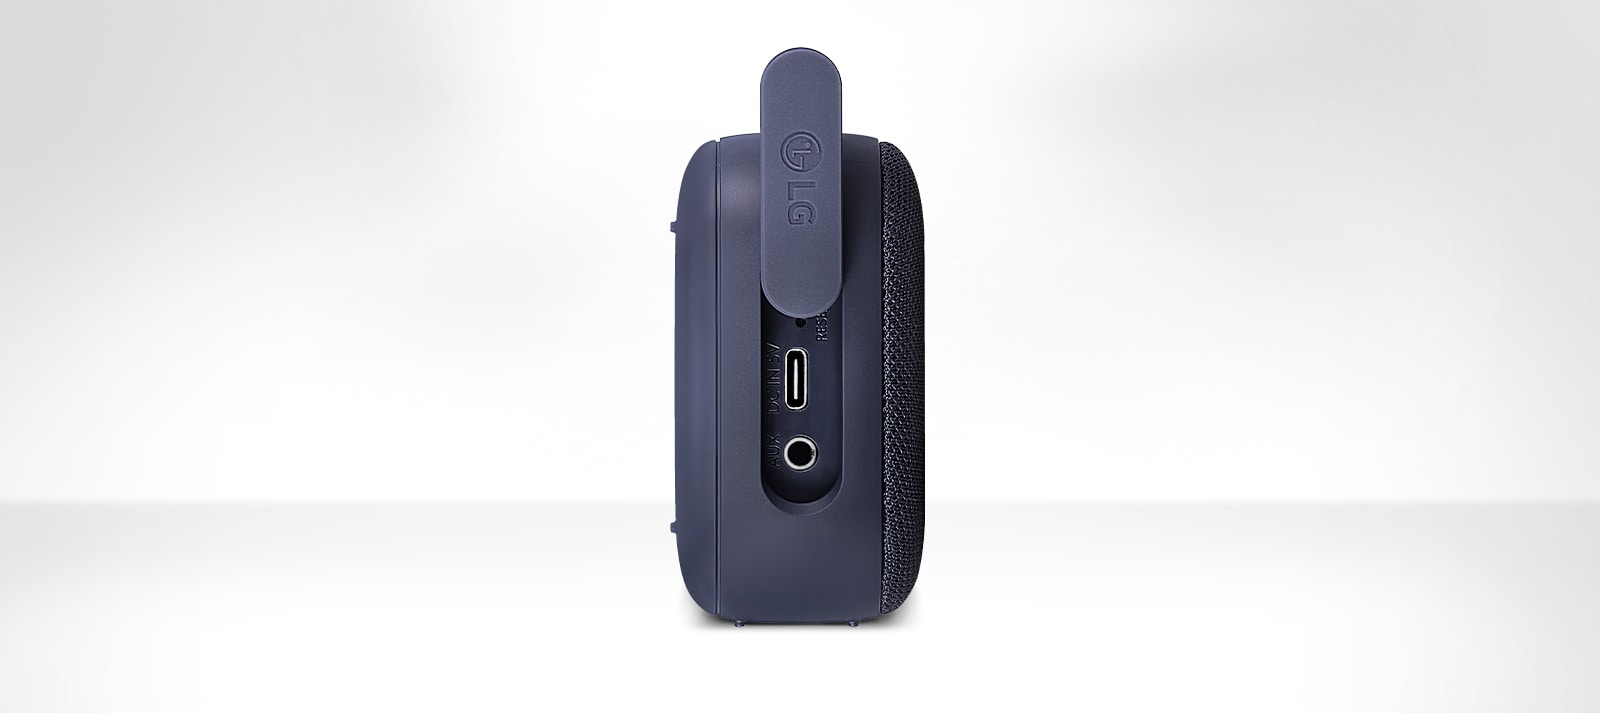 Mặt sau loa LG XBOOMGo PN1 đặt dọc.